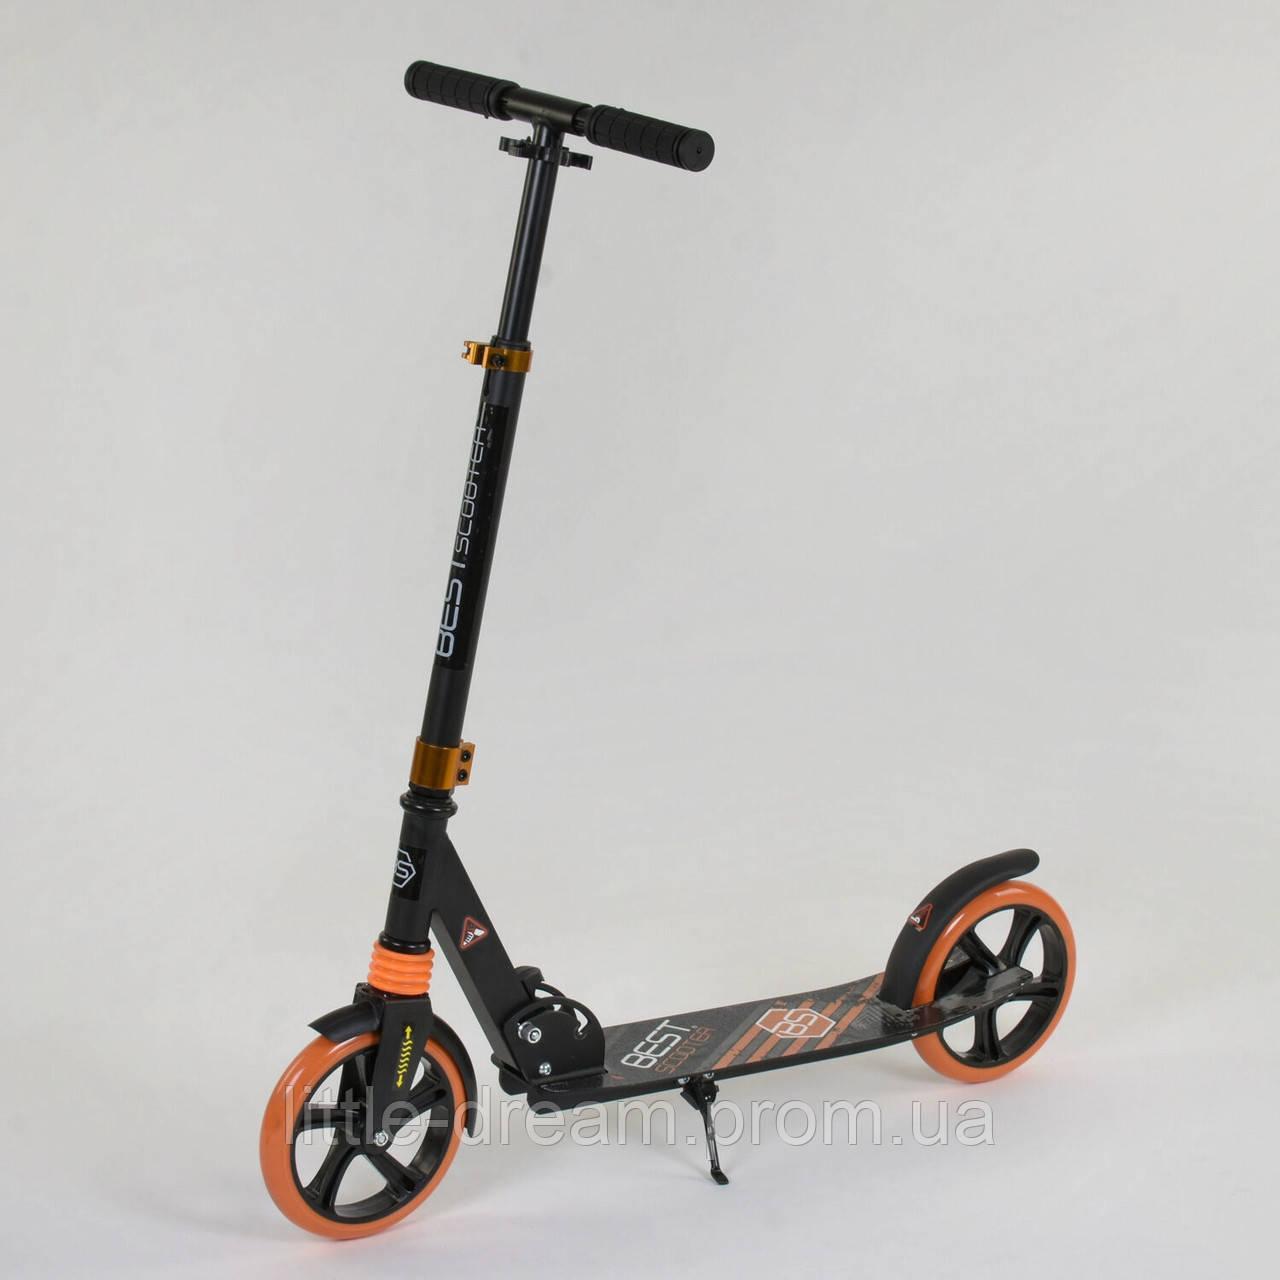 Самокат двухколесный Best Scooter 300681 Черный с оранжевым